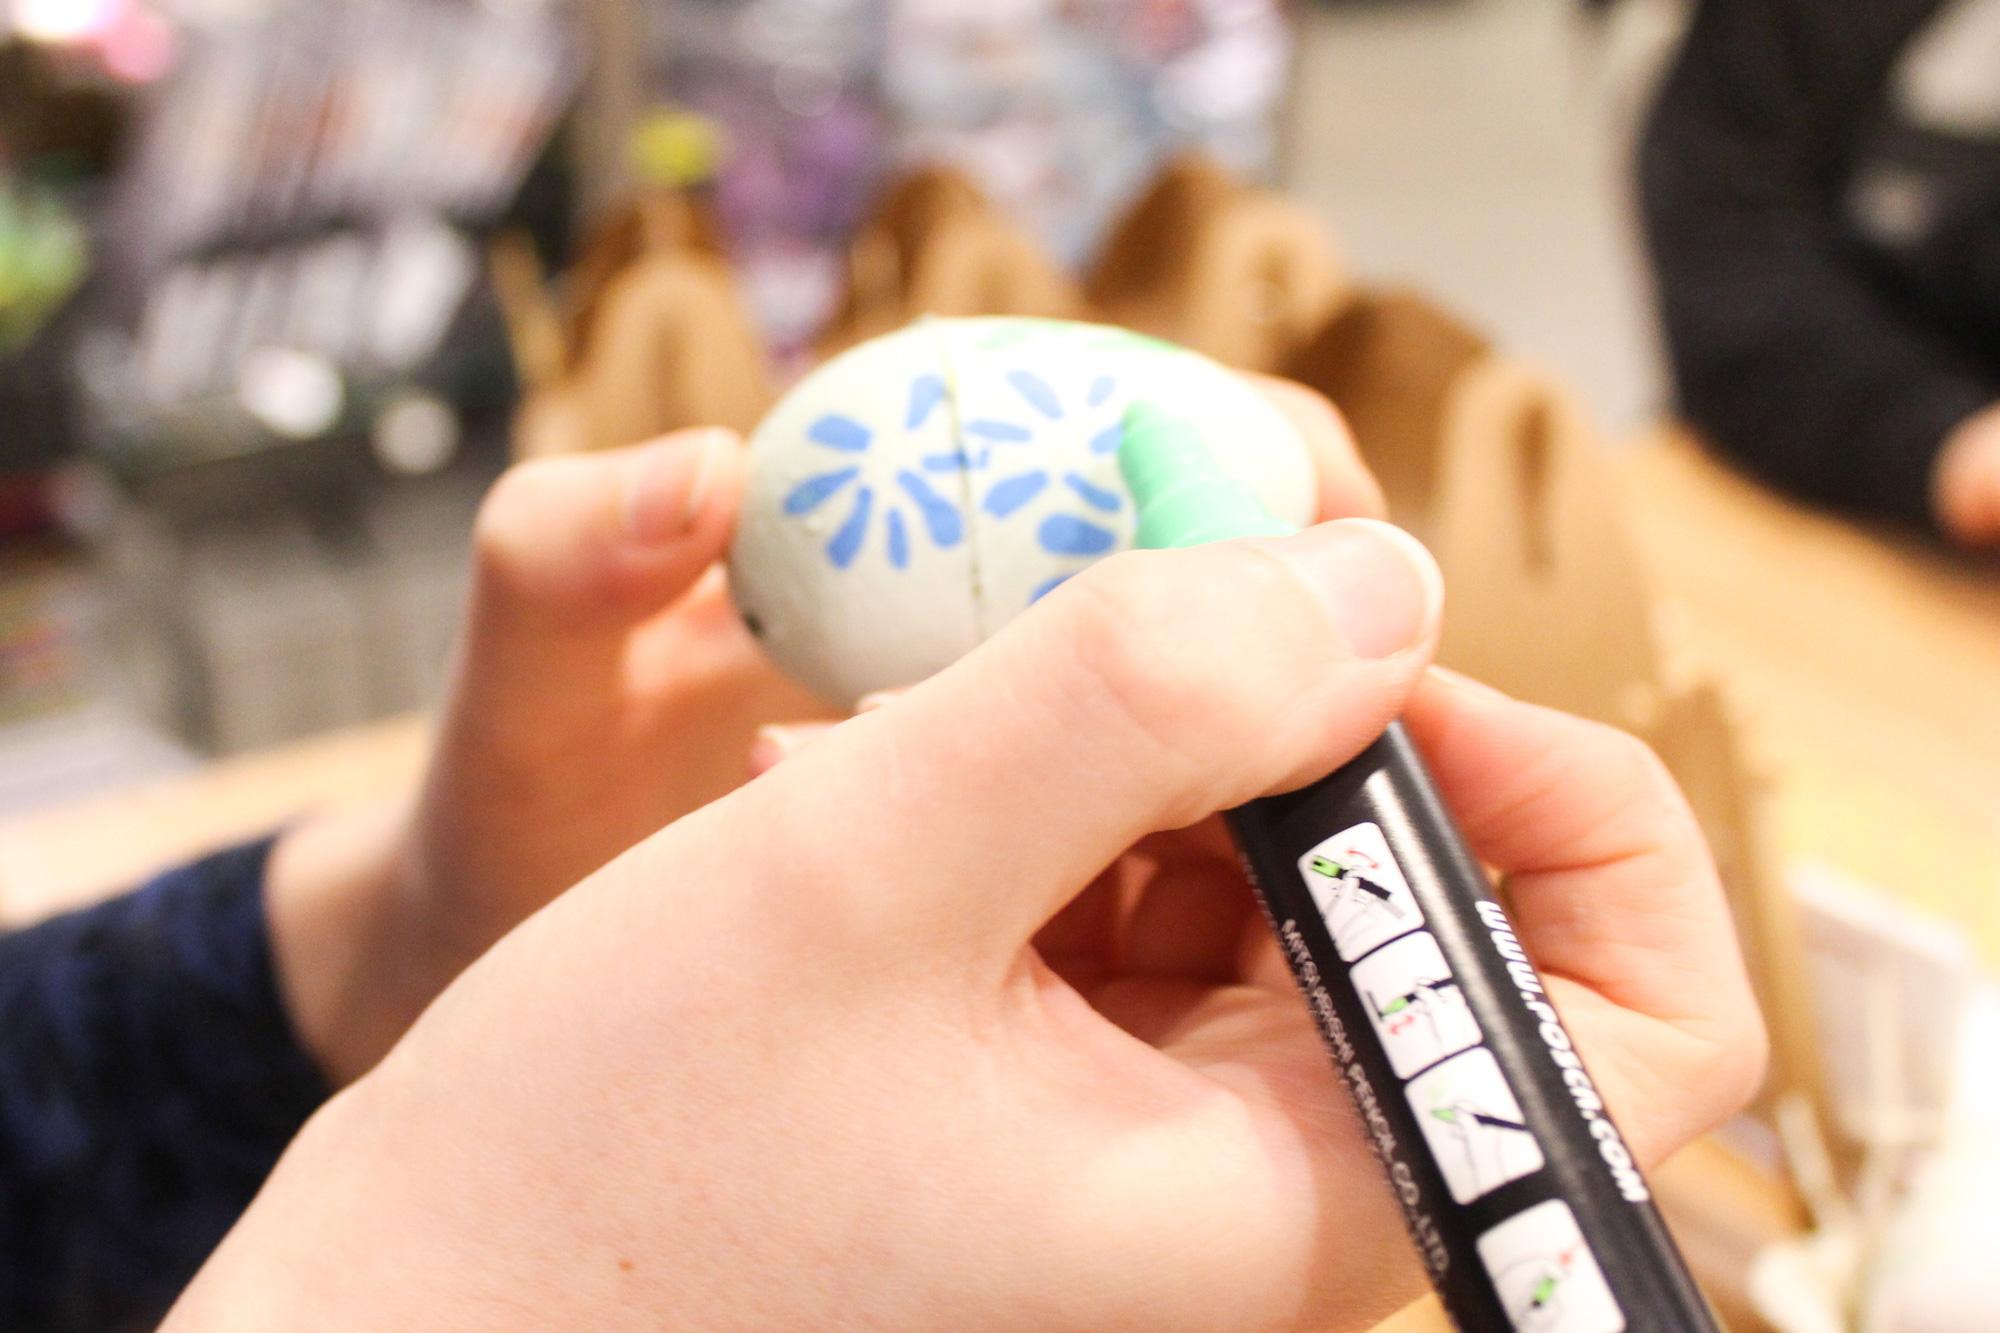 John-Lewis-Buttercrumble---Easter-Egg-Illustration---Instore-4.jpg